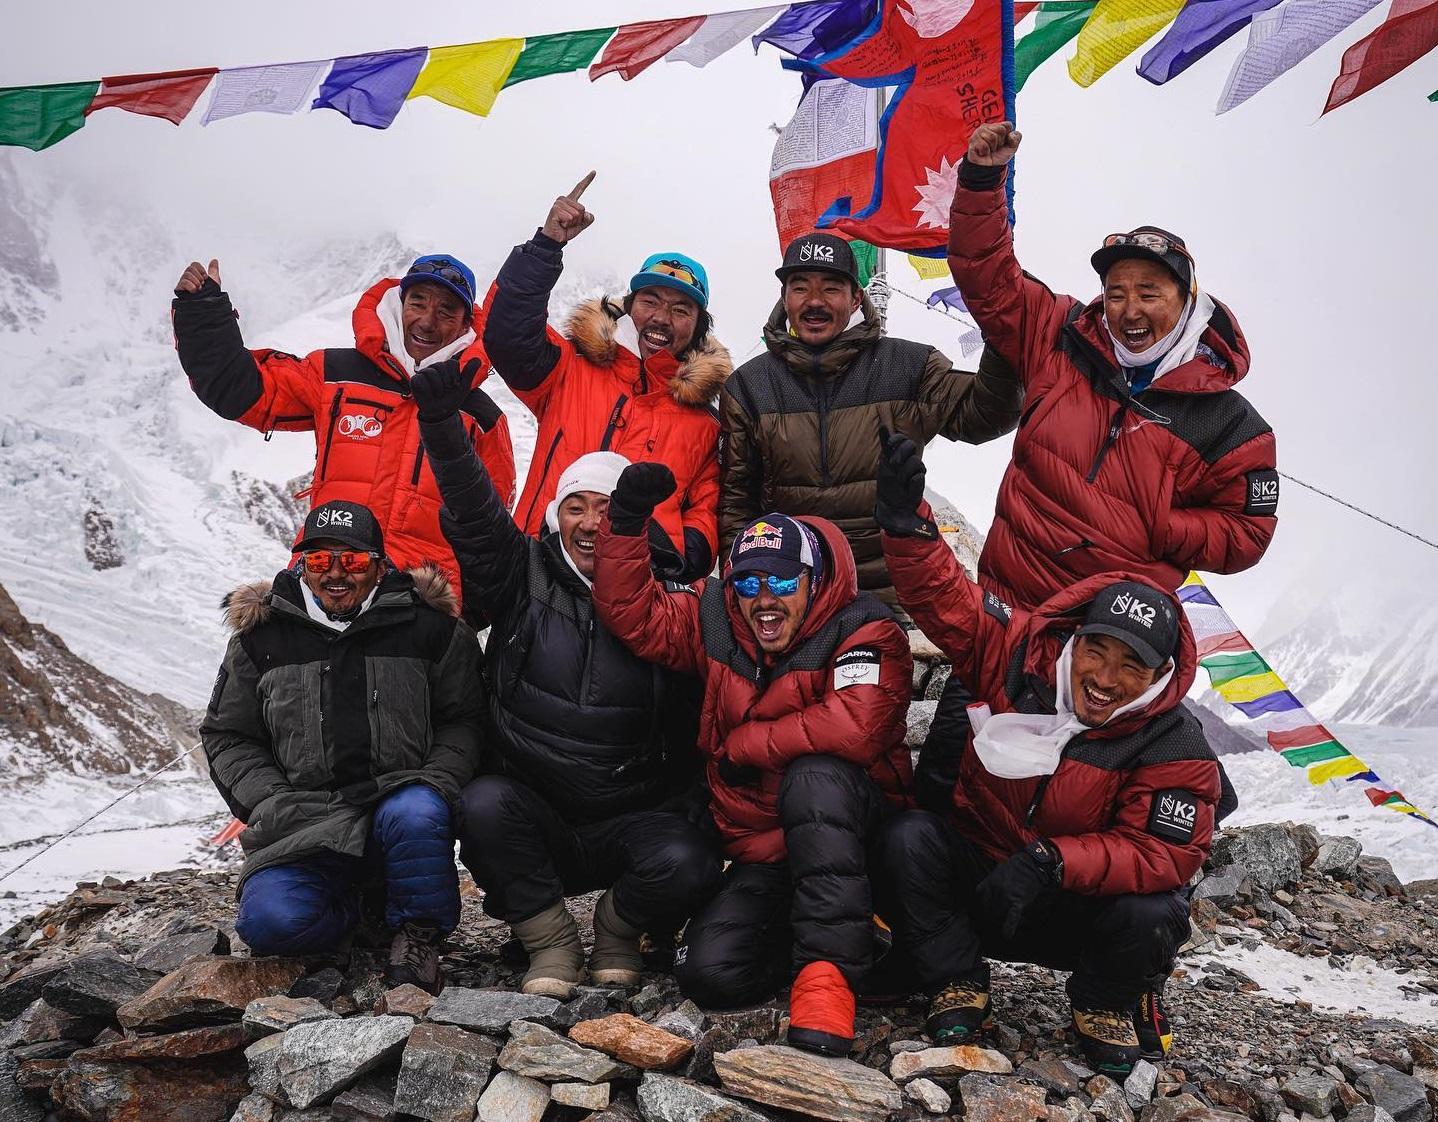 La rivincita degli Sherpa. Una spedizione nepalese conquista per la prima volta il K2 nella stagione invernale